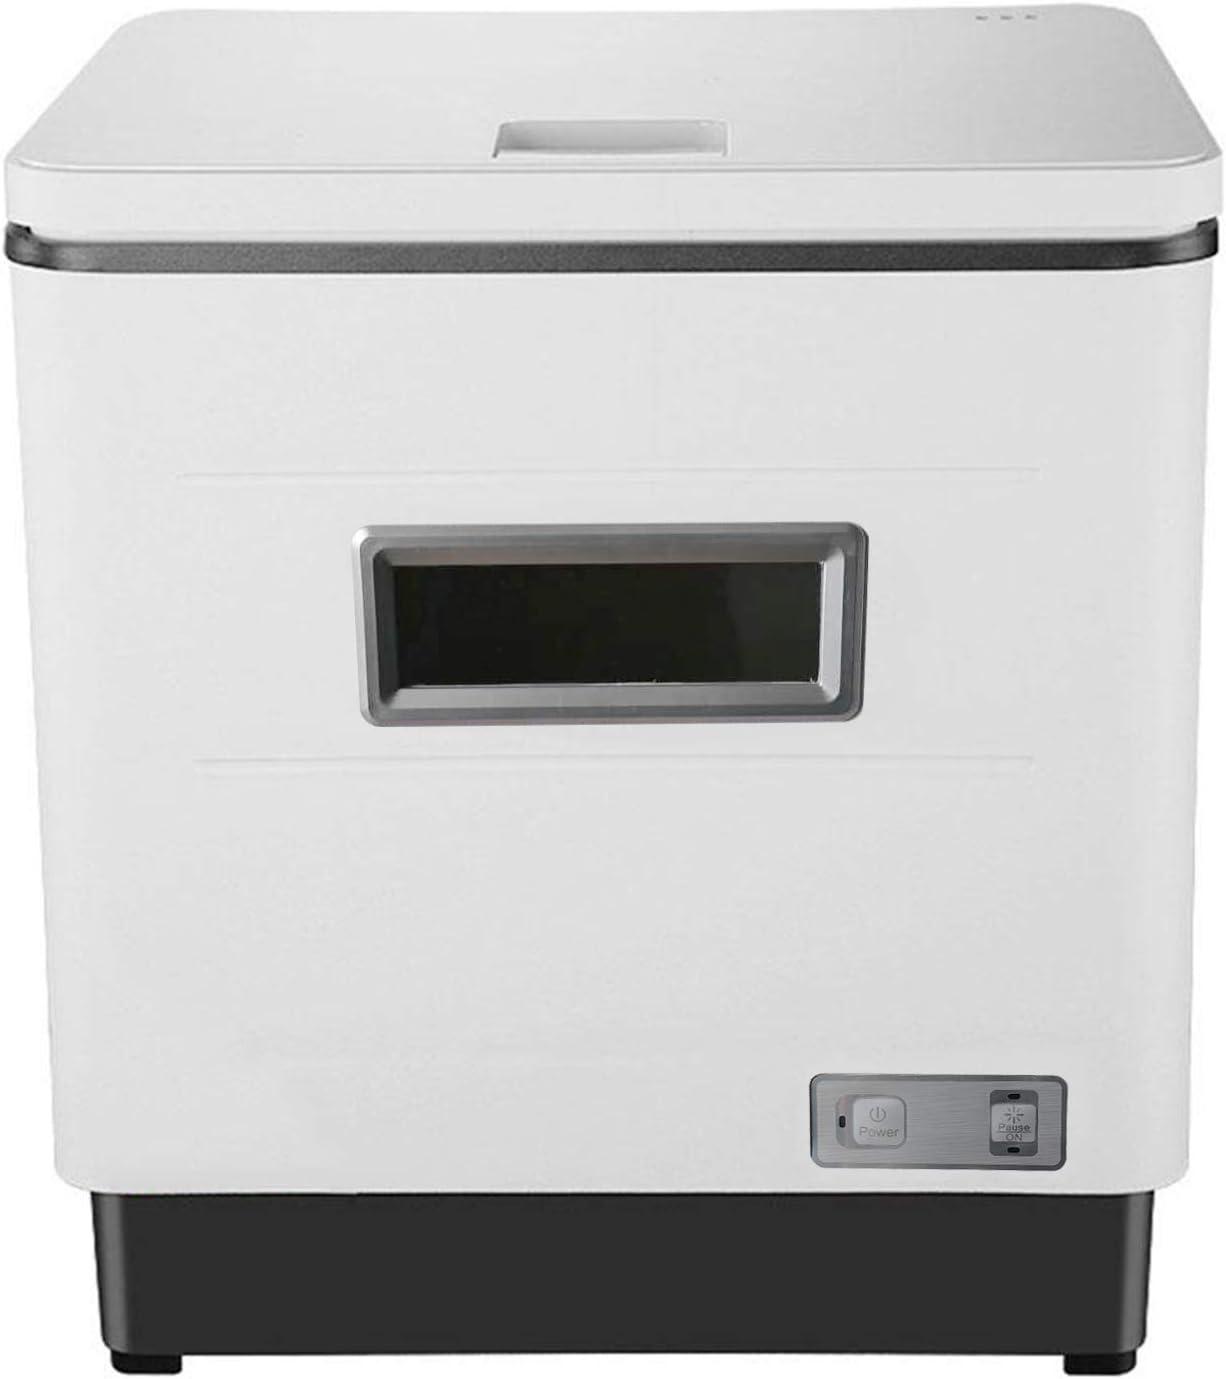 Haofy Lavavajillas de encimera portátil Compacto Profesional, función de Secado, Mini lavaplatos para Apartamentos pequeños, dormitorios y Casas rodantes